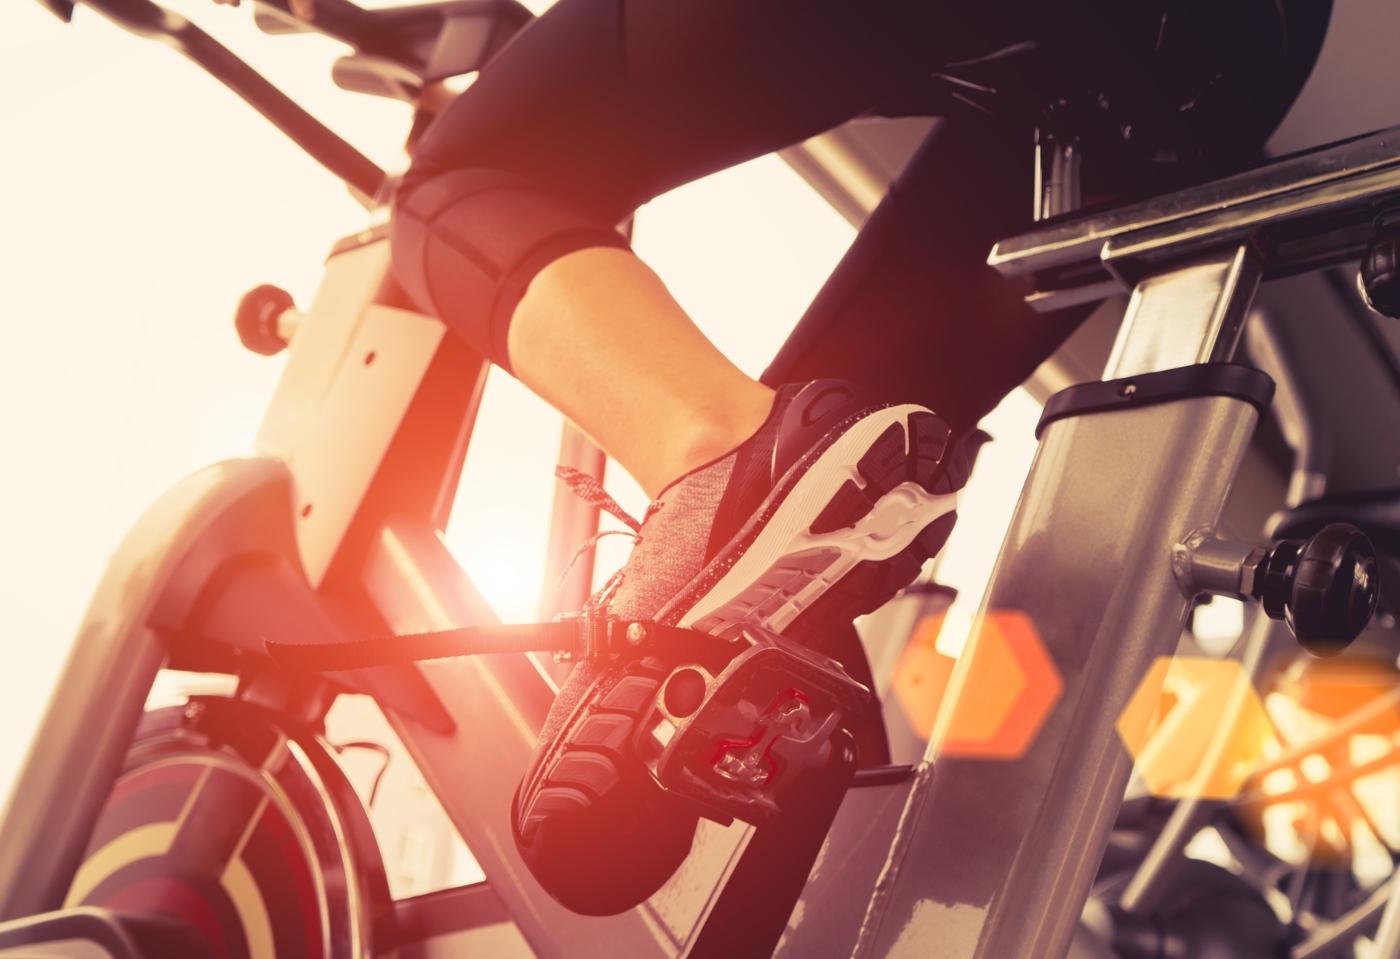 Treinar todos os dias traz melhores resultados?